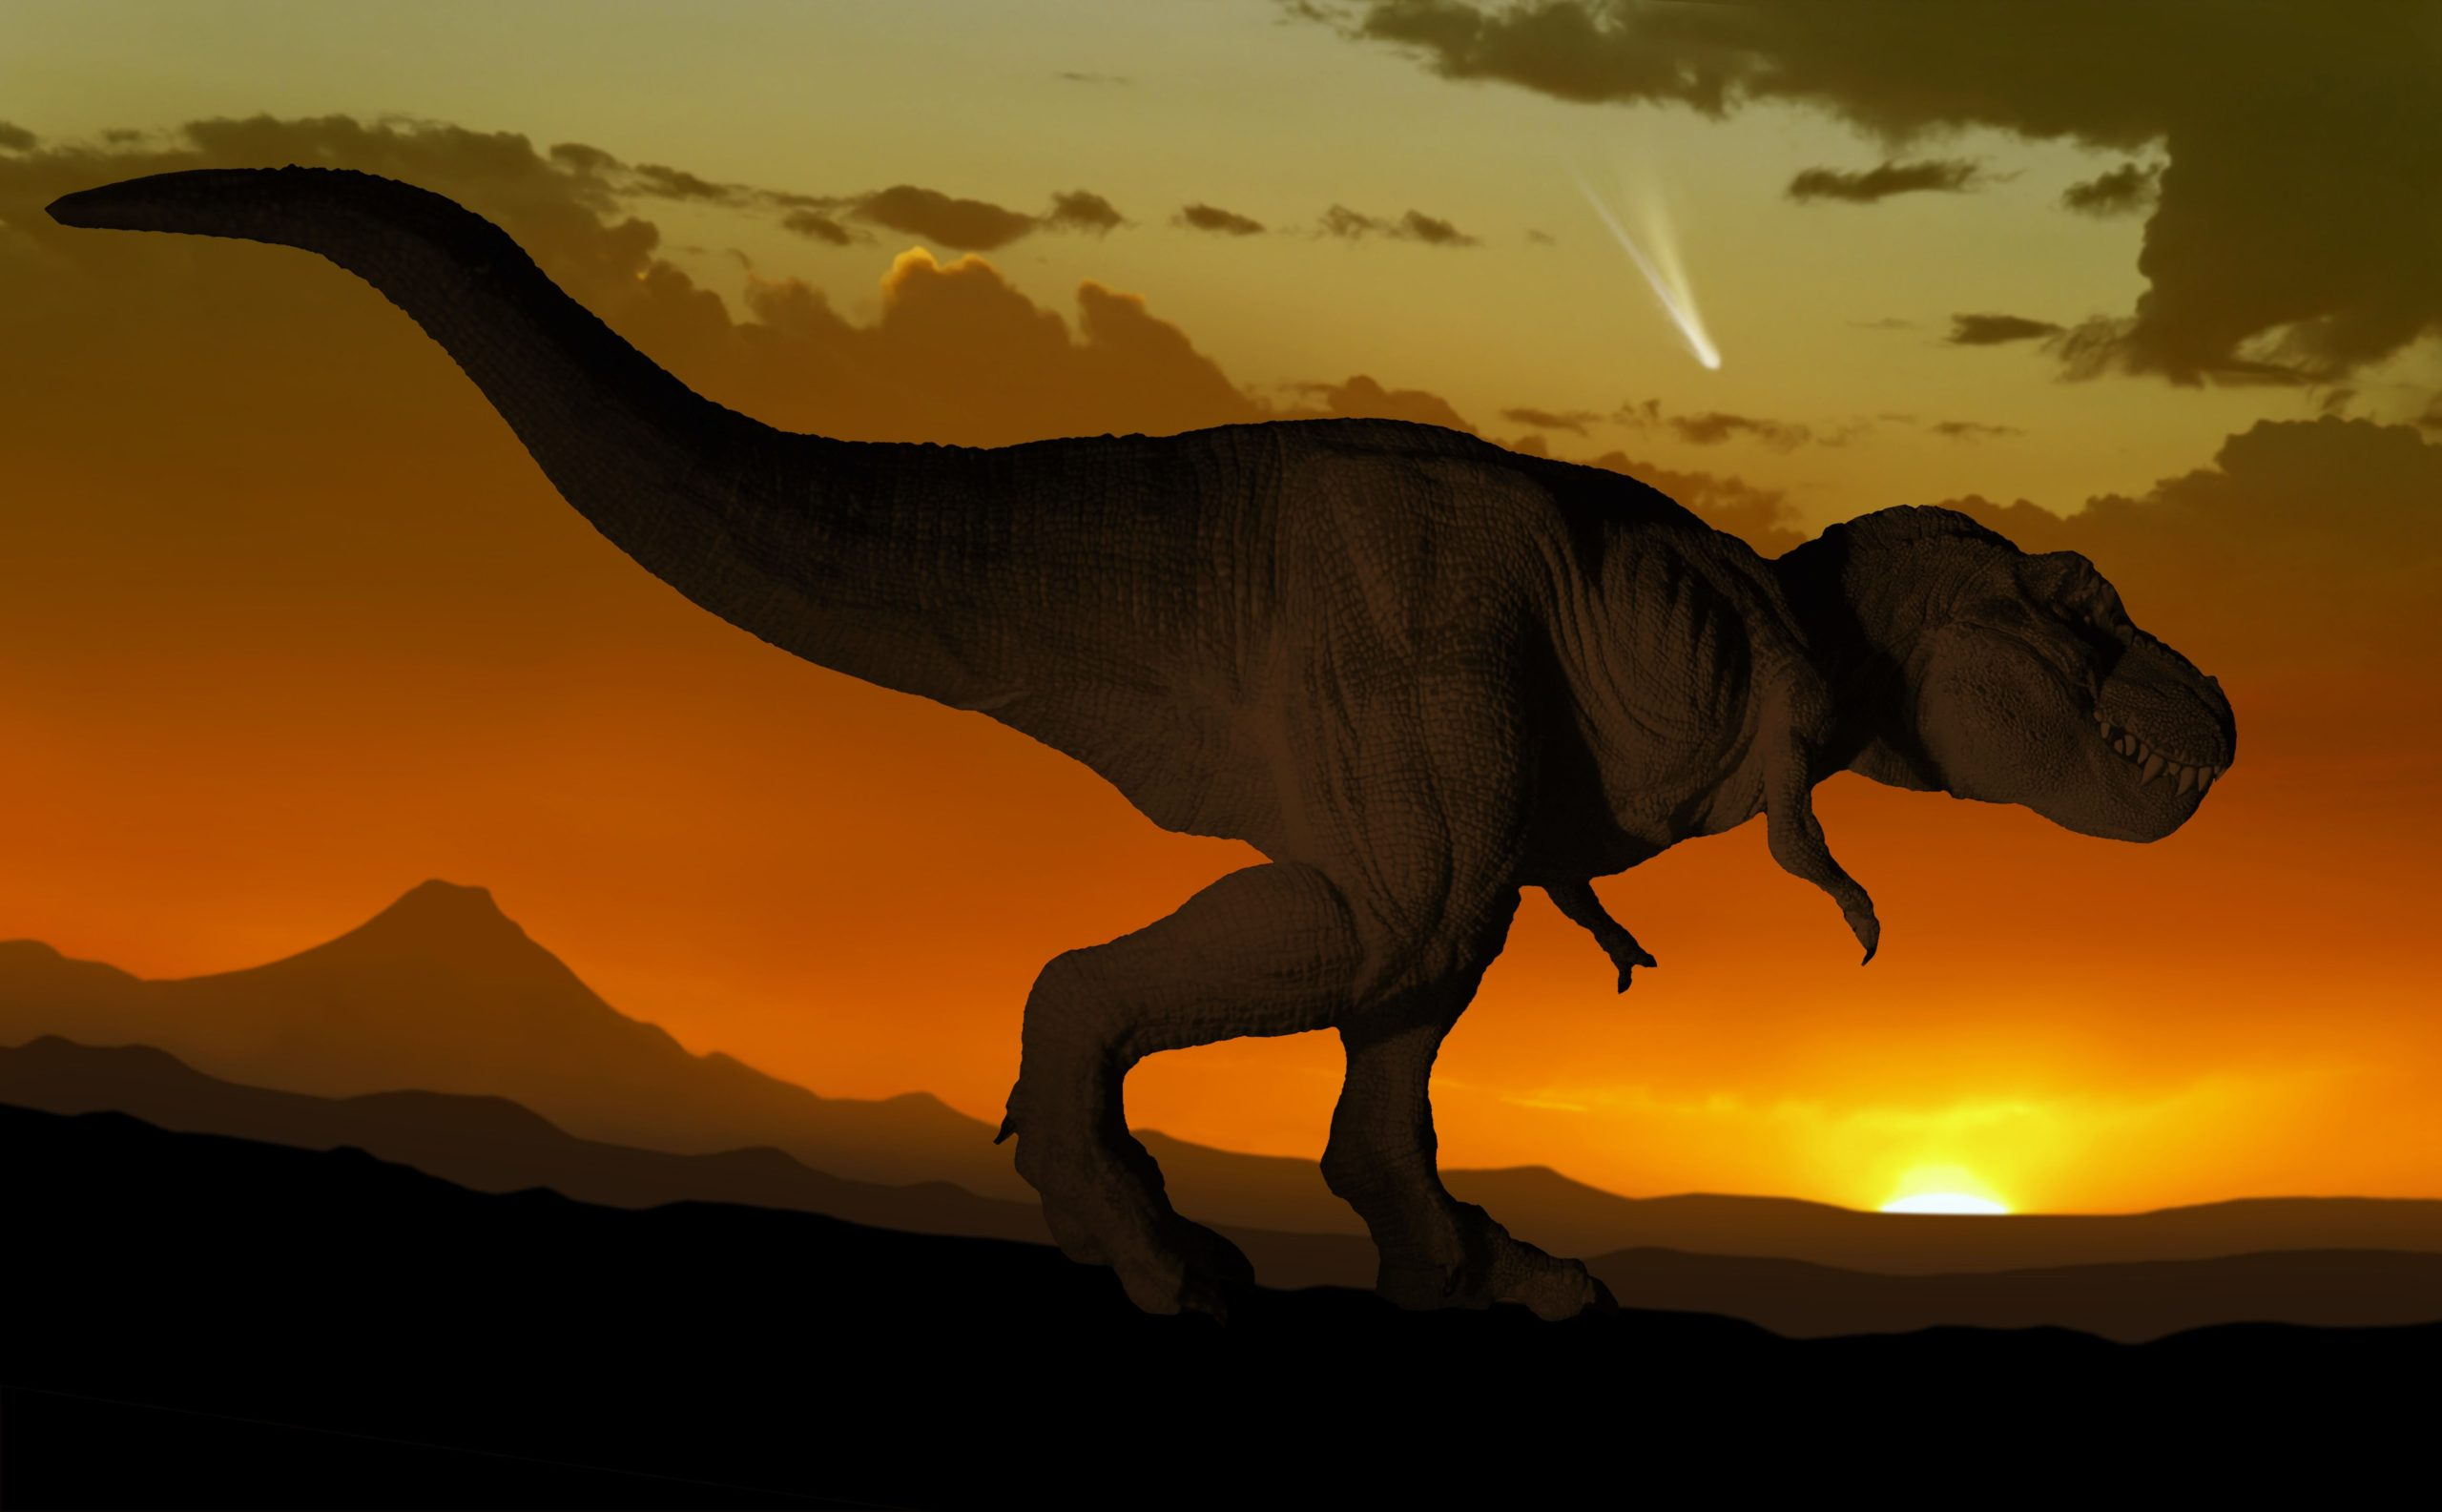 тираннозавр уходит в закат